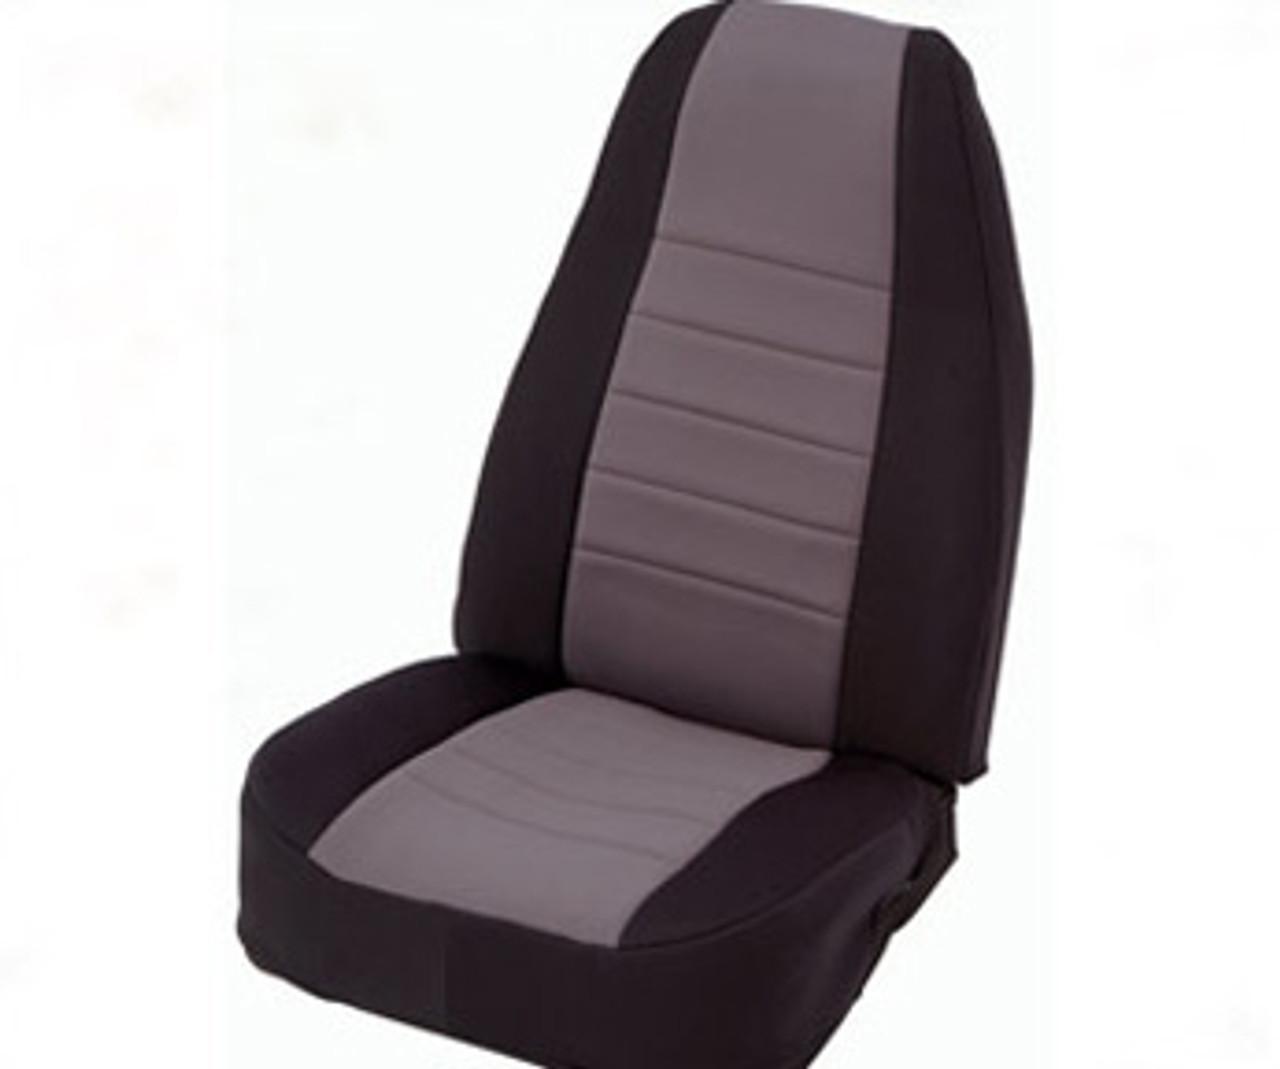 Smittybilt Neoprene Seat Cover in Black/Gray